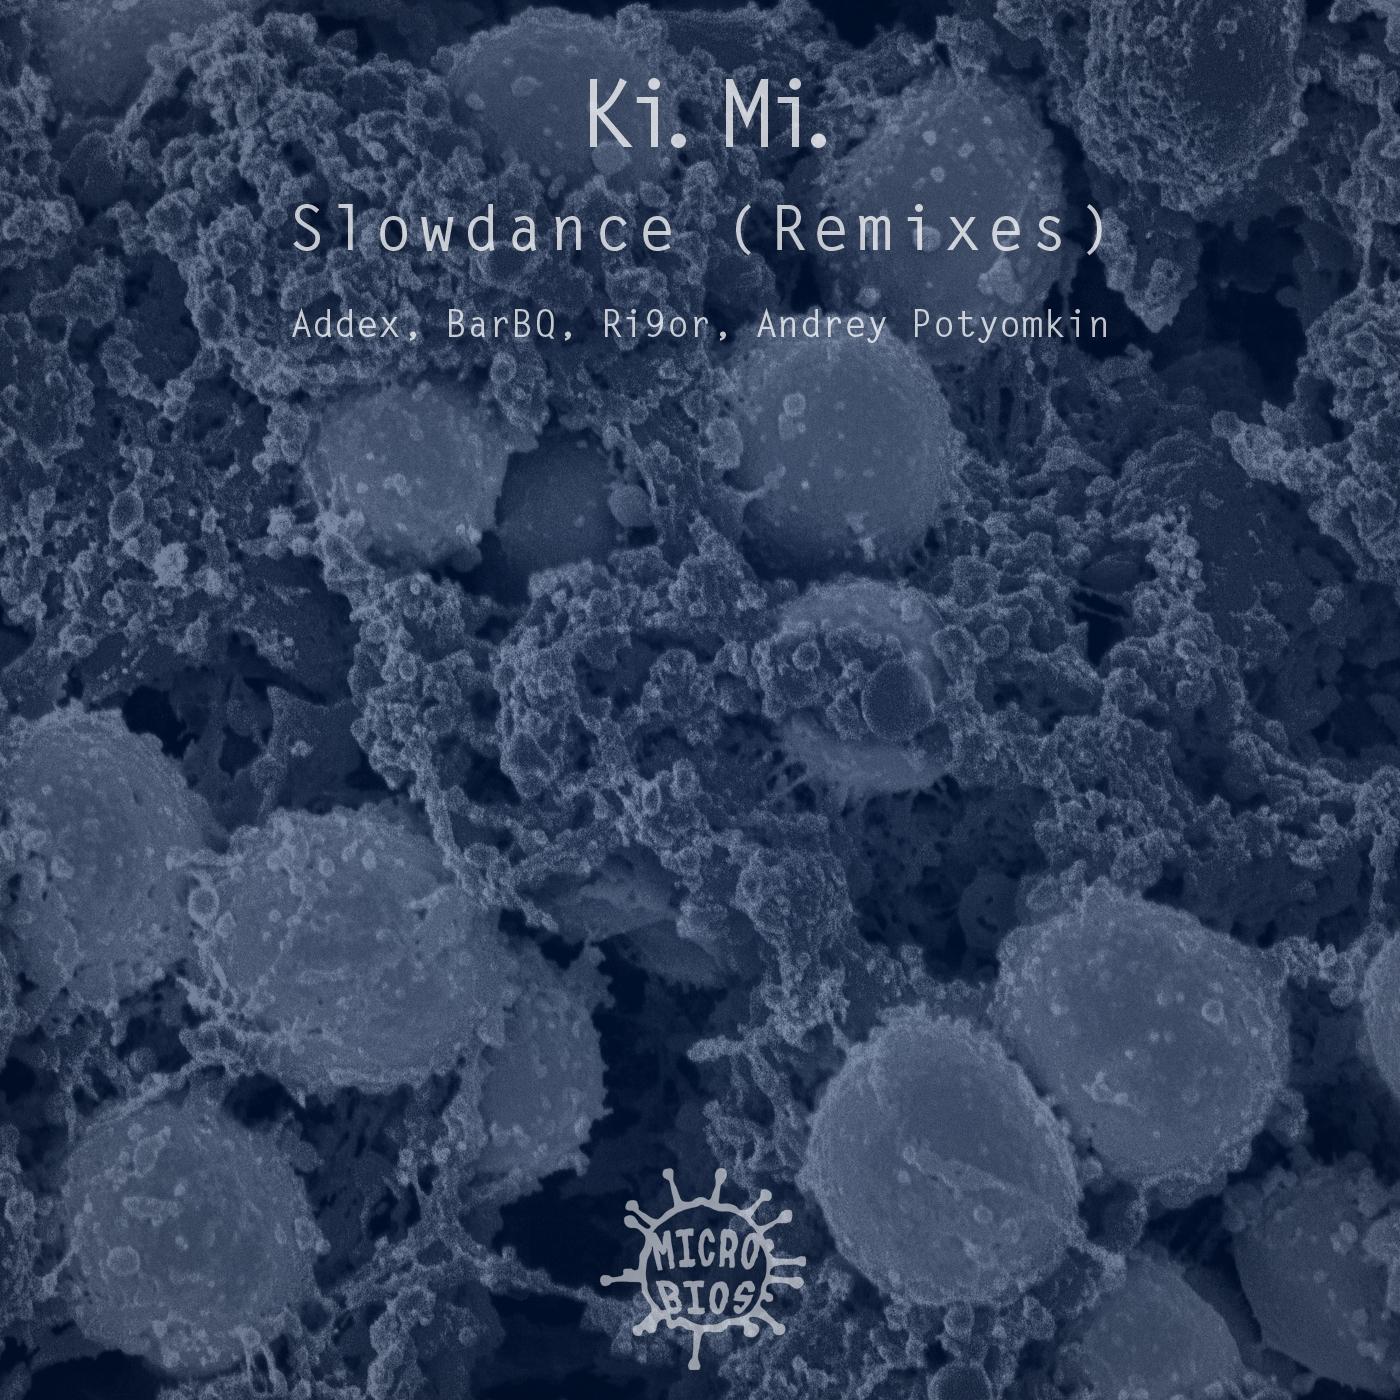 Ki.Mi. - Andrey Potyomkin (Ri9or Remix)